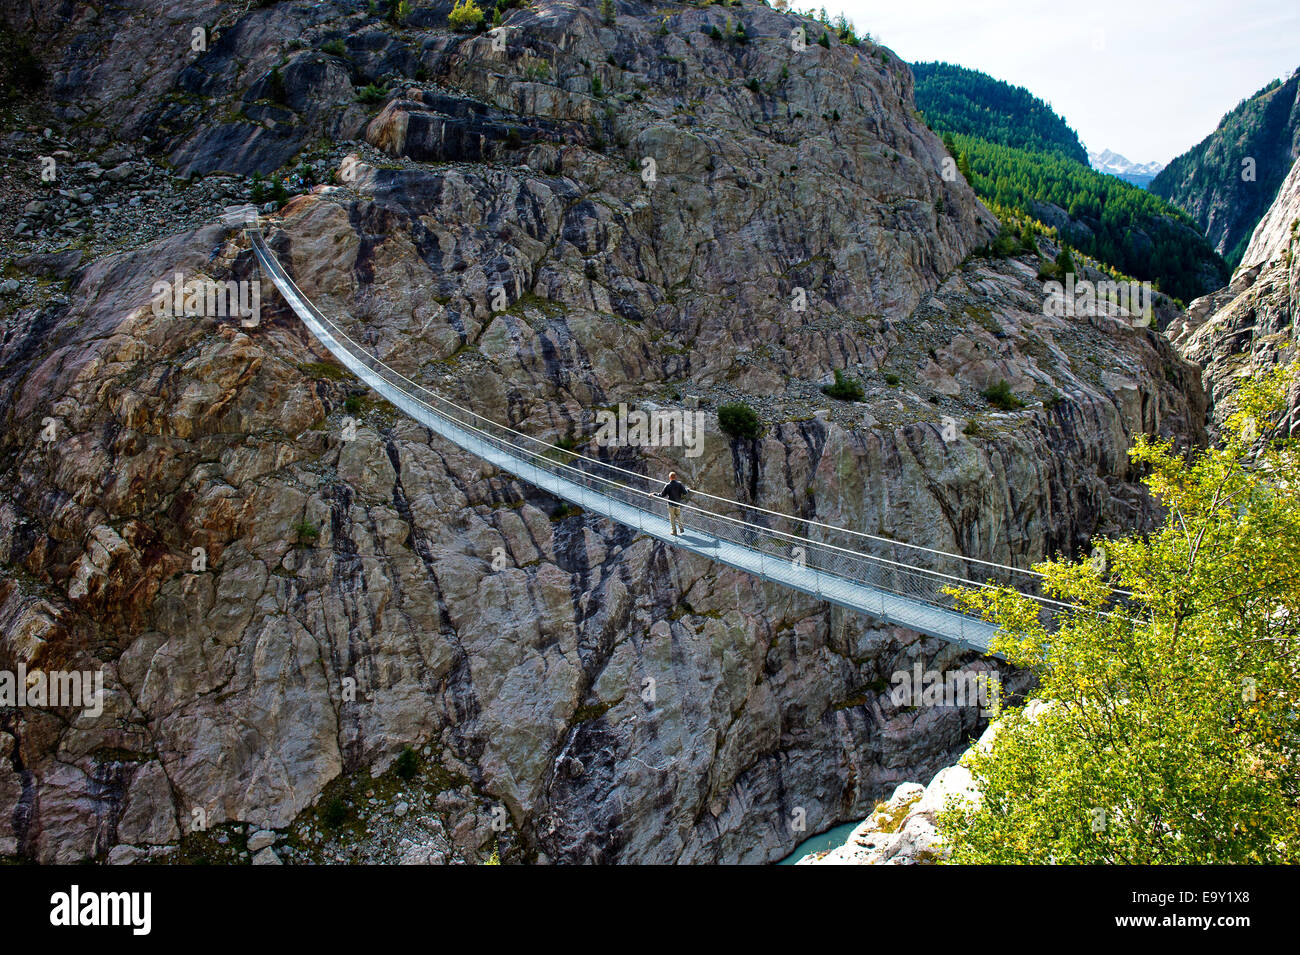 Souligné-ribbon pont sur Massa Gorge, Belalp région touristique, Canton du Valais, Suisse Photo Stock